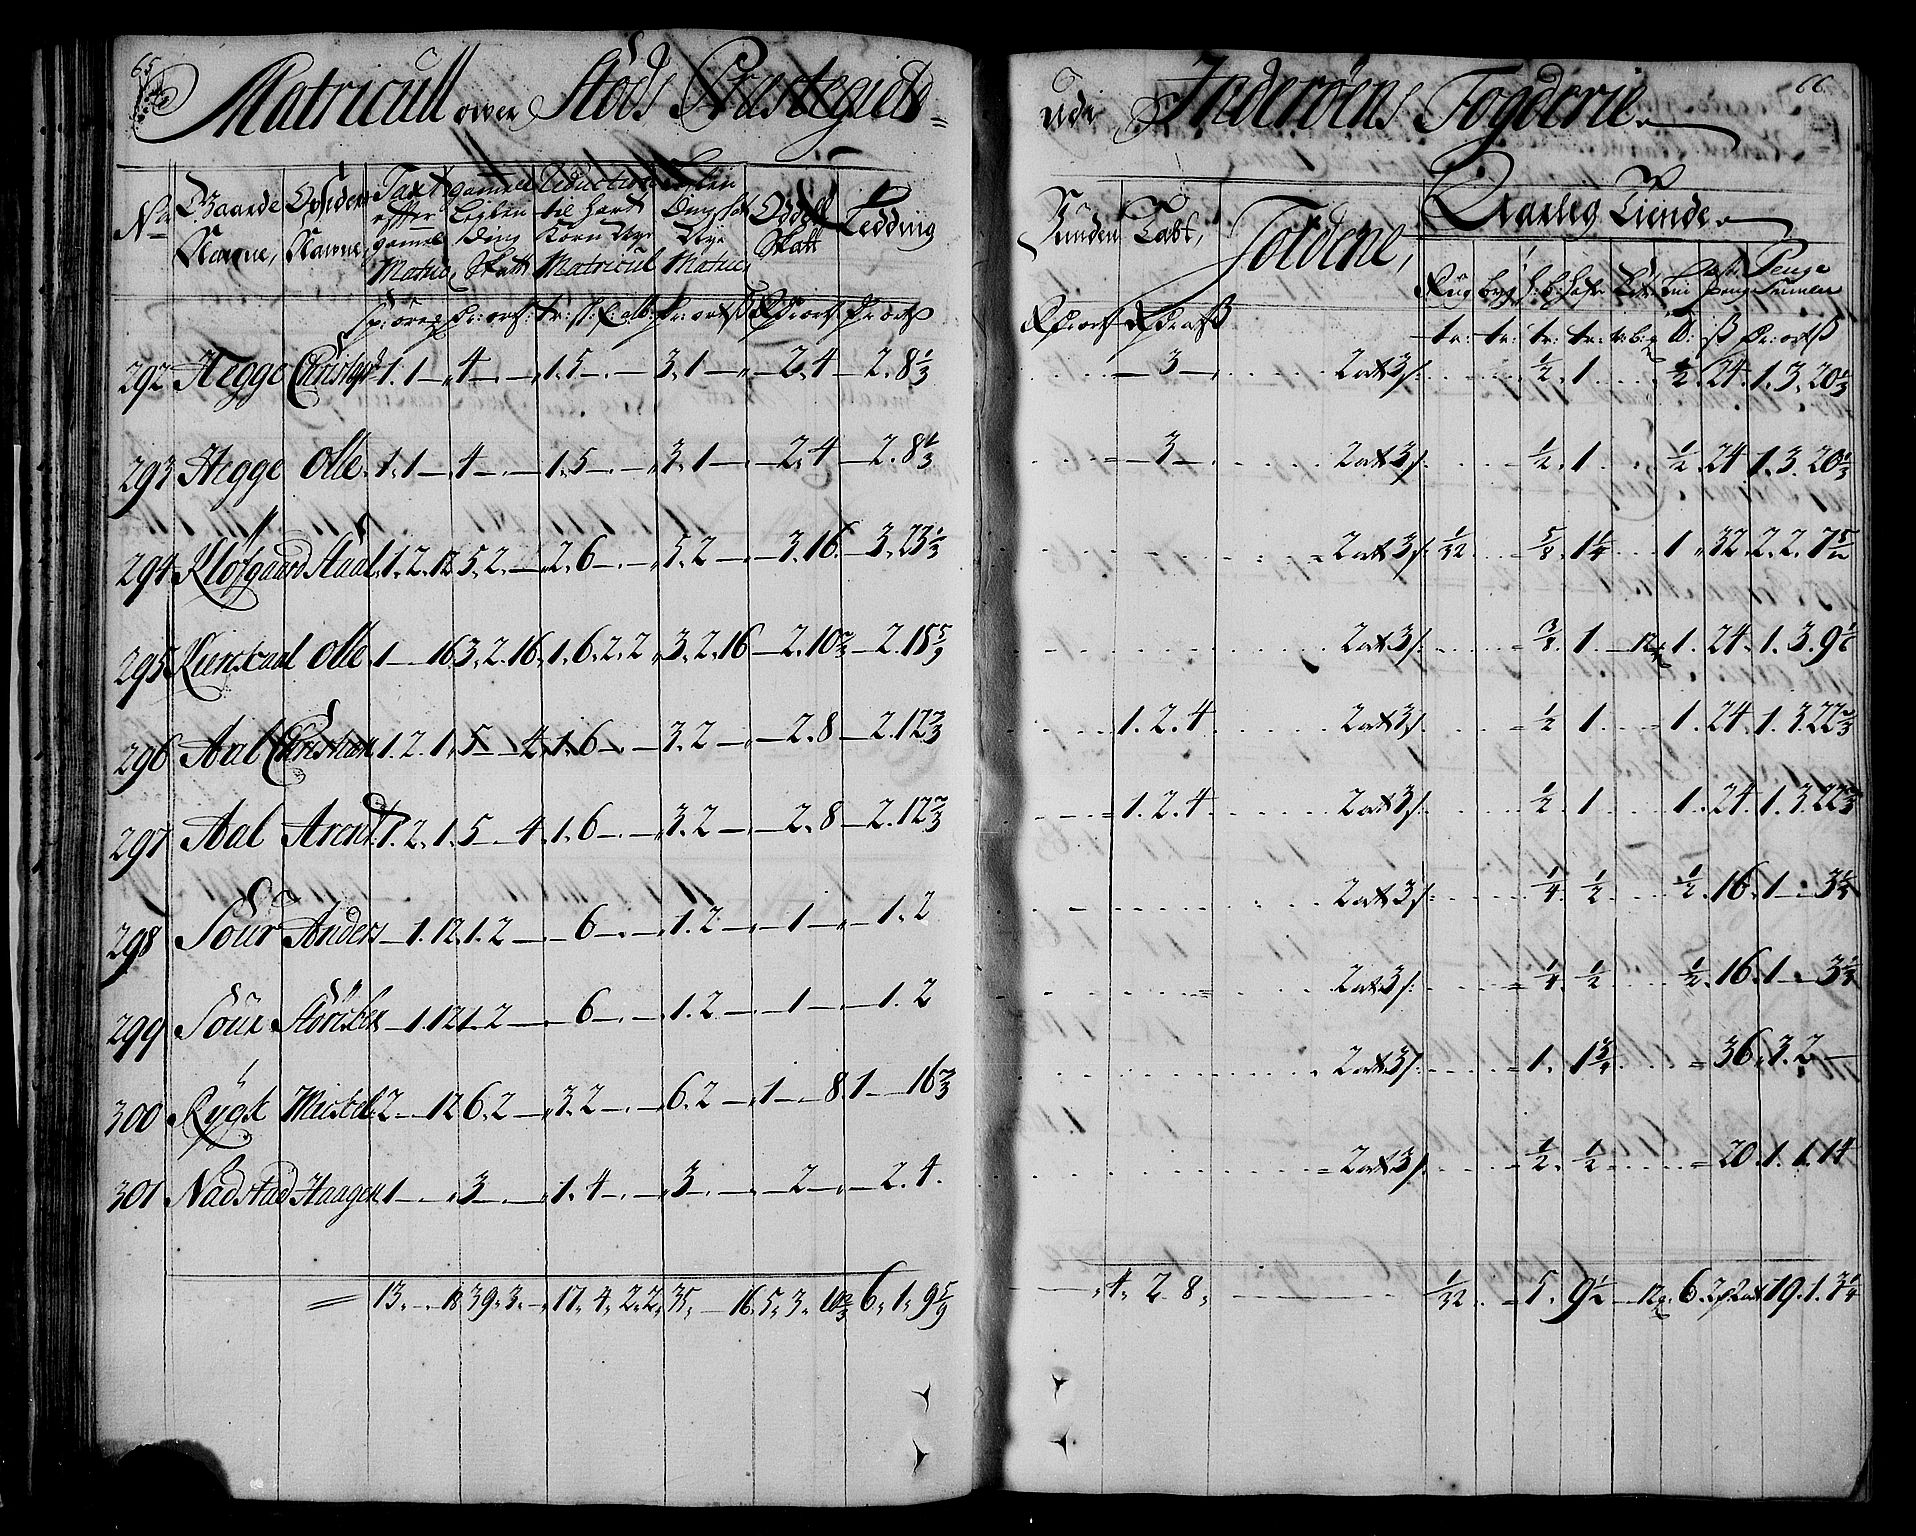 RA, Rentekammeret inntil 1814, Realistisk ordnet avdeling, N/Nb/Nbf/L0167: Inderøy matrikkelprotokoll, 1723, s. 65-66